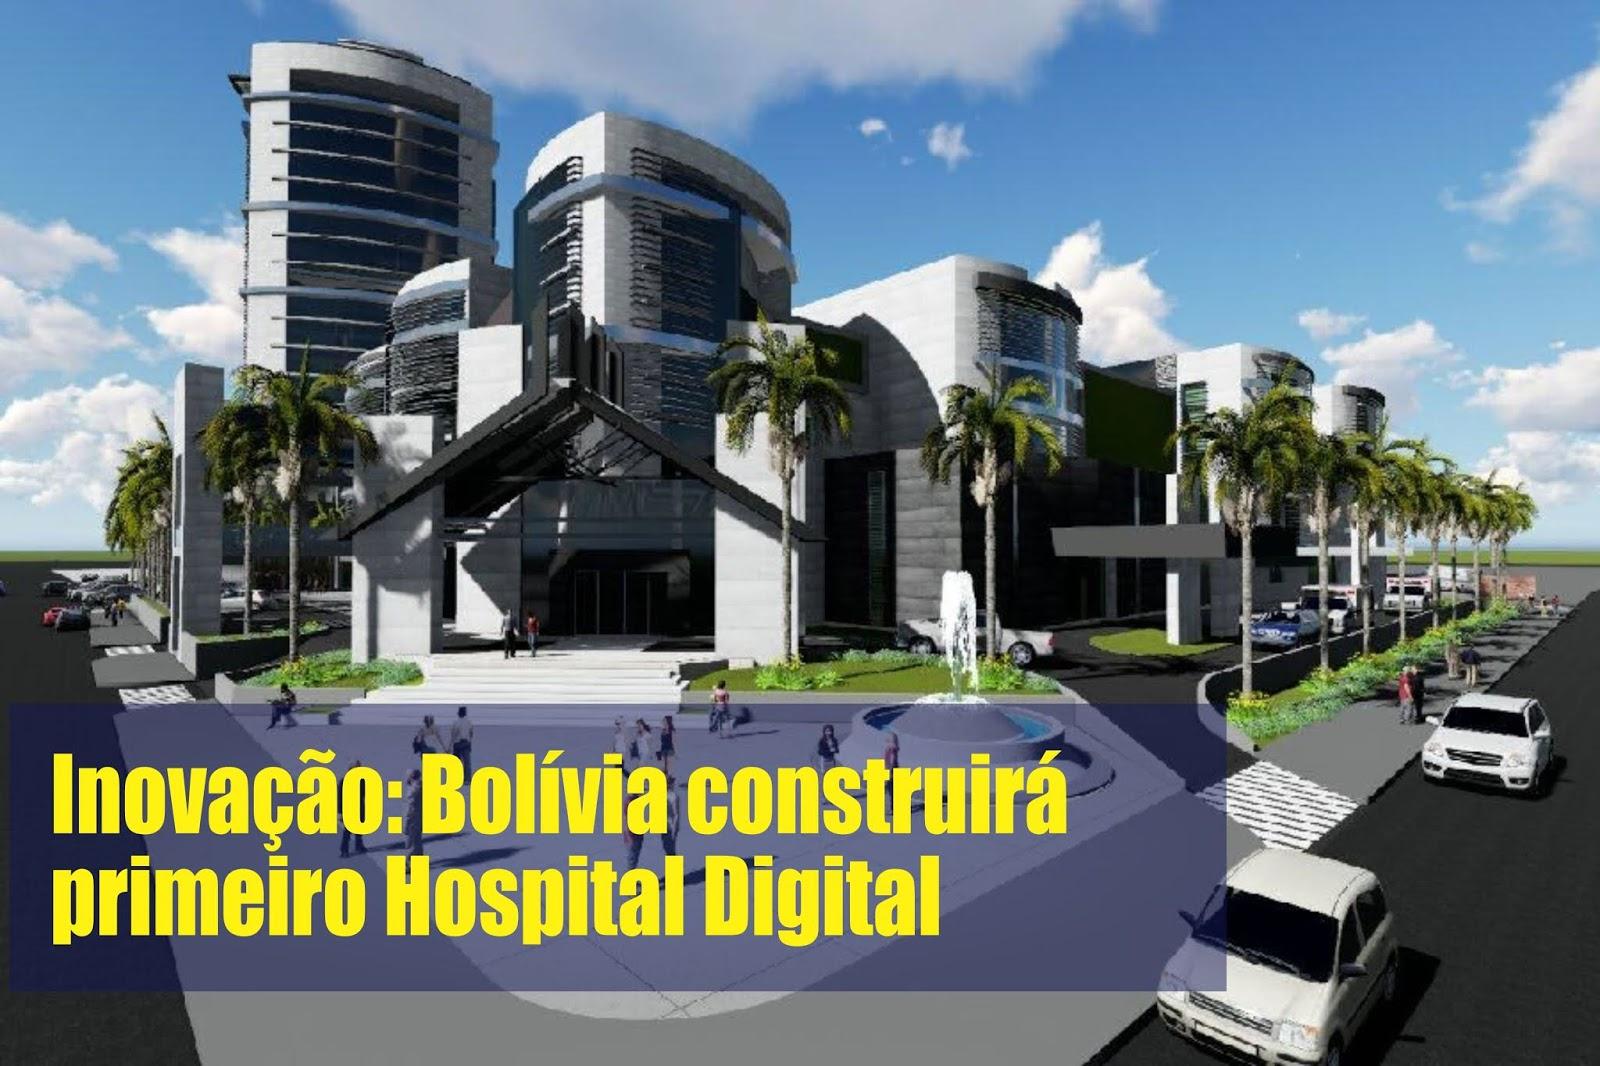 Inovação: Bolívia construirá primeiro Hospital Digital com Médico do Reino Unido